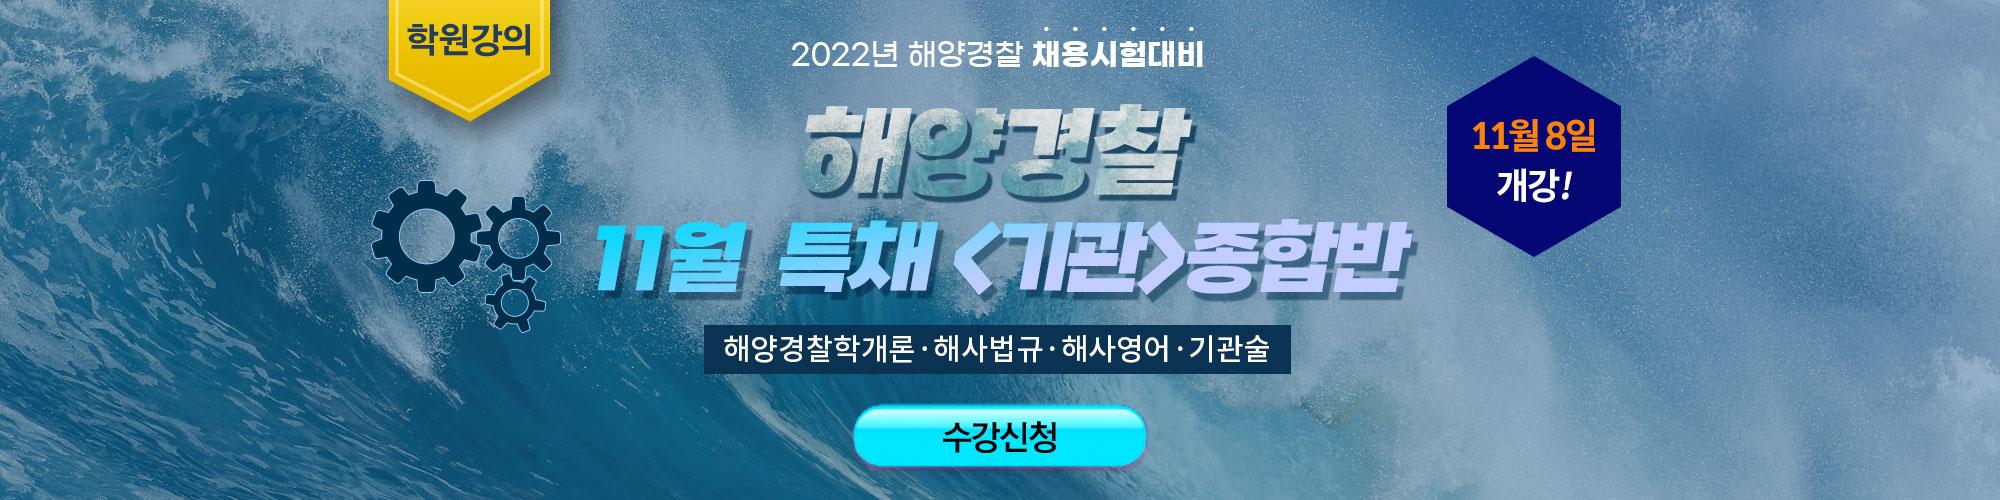 [실강] 2022 기관종합